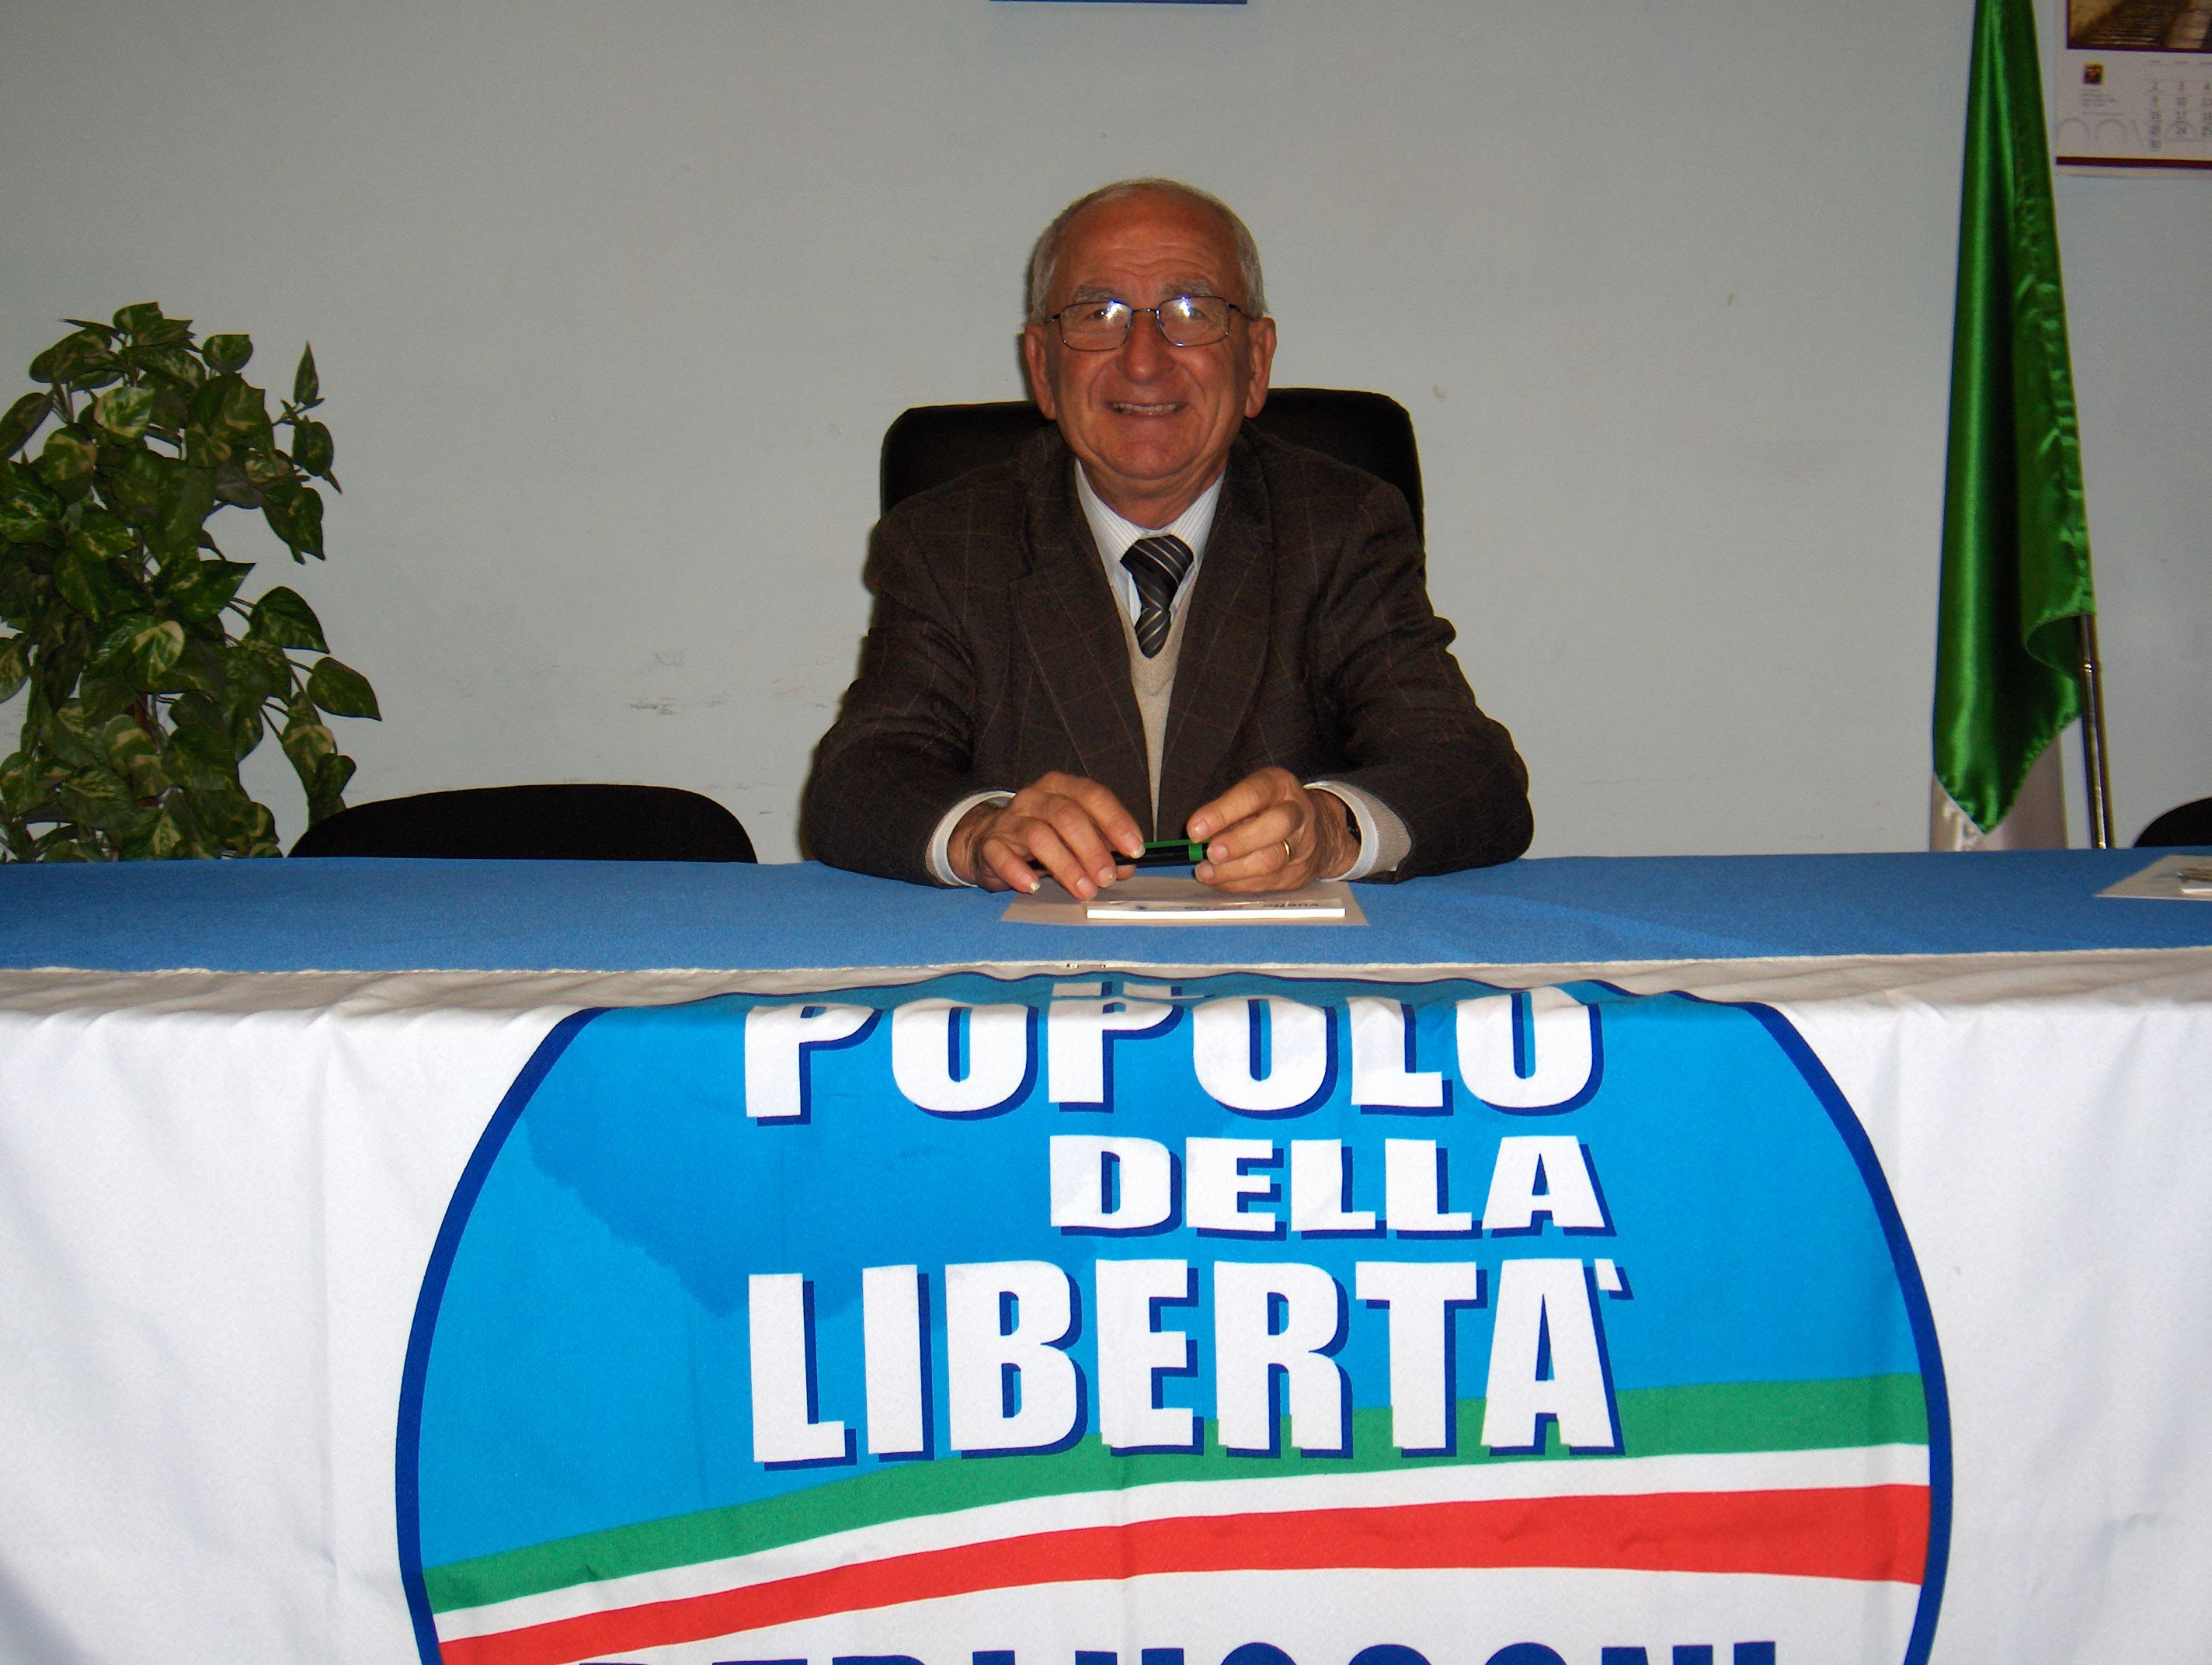 Renzo Gatta (image by Stato) archivio